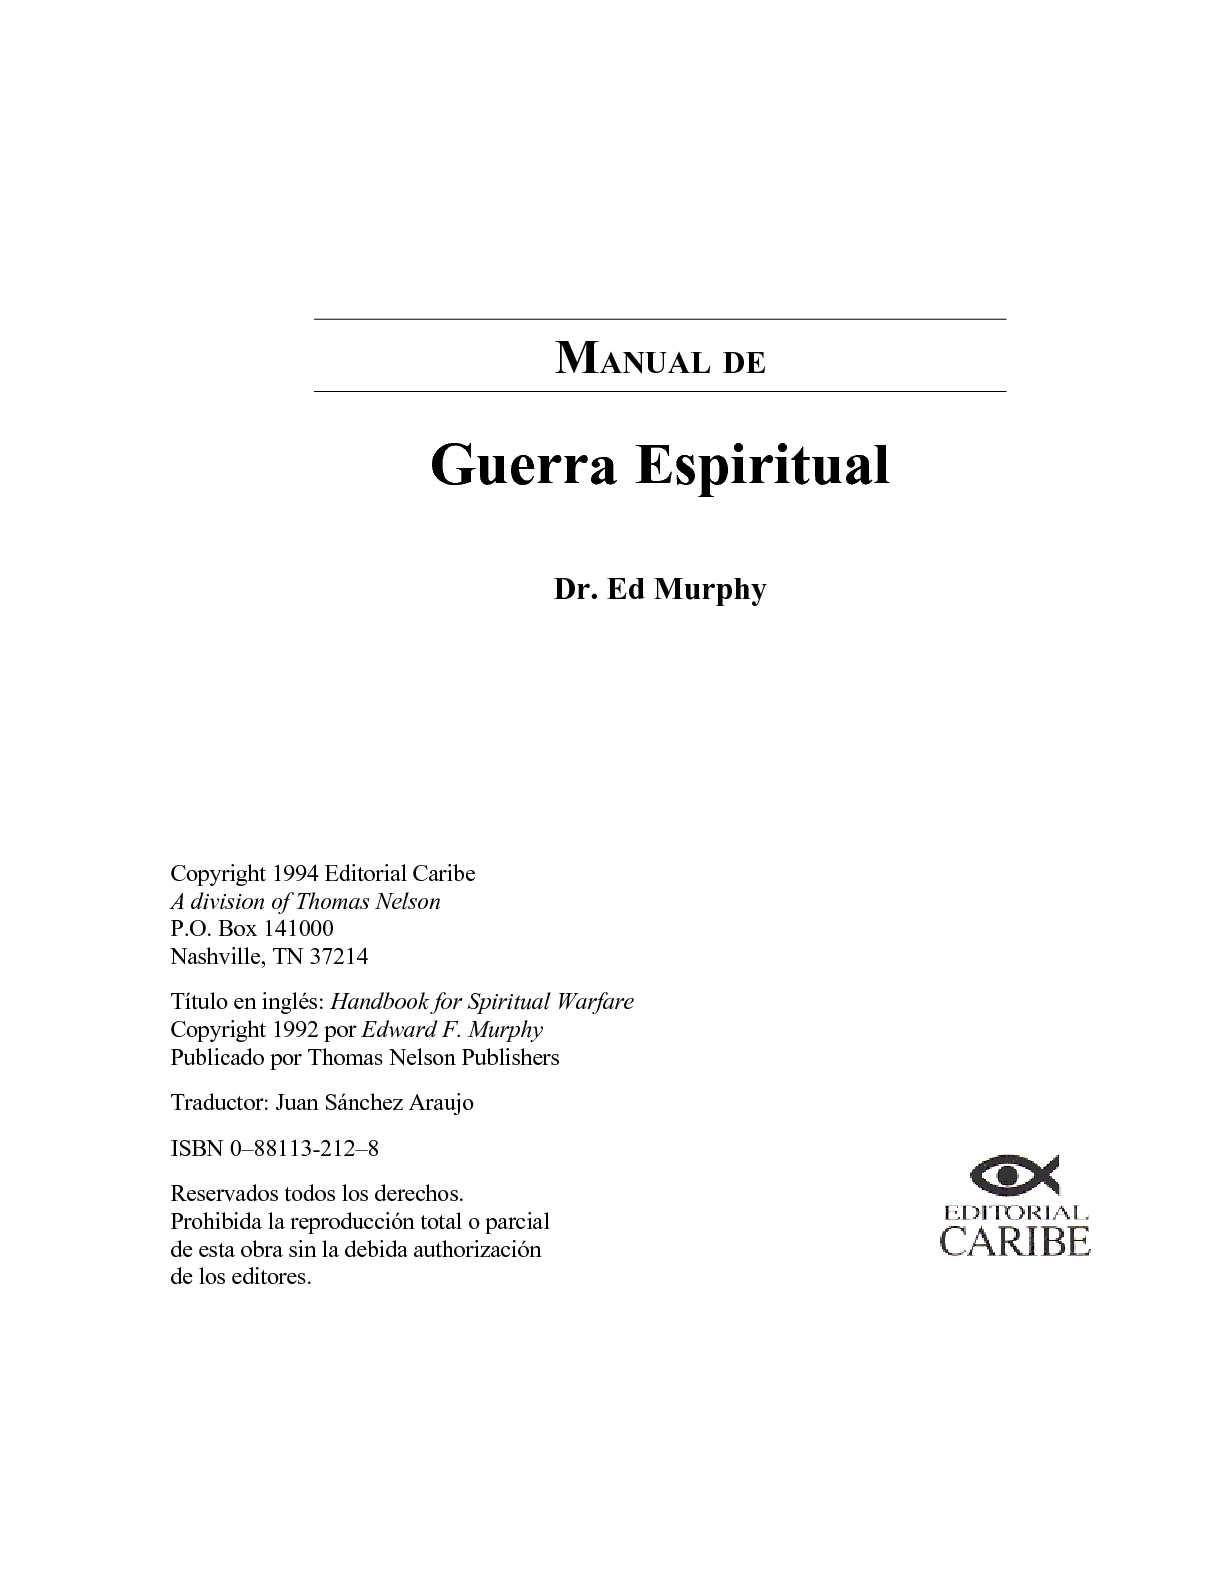 Calaméo Manual De Guerra Espiritual